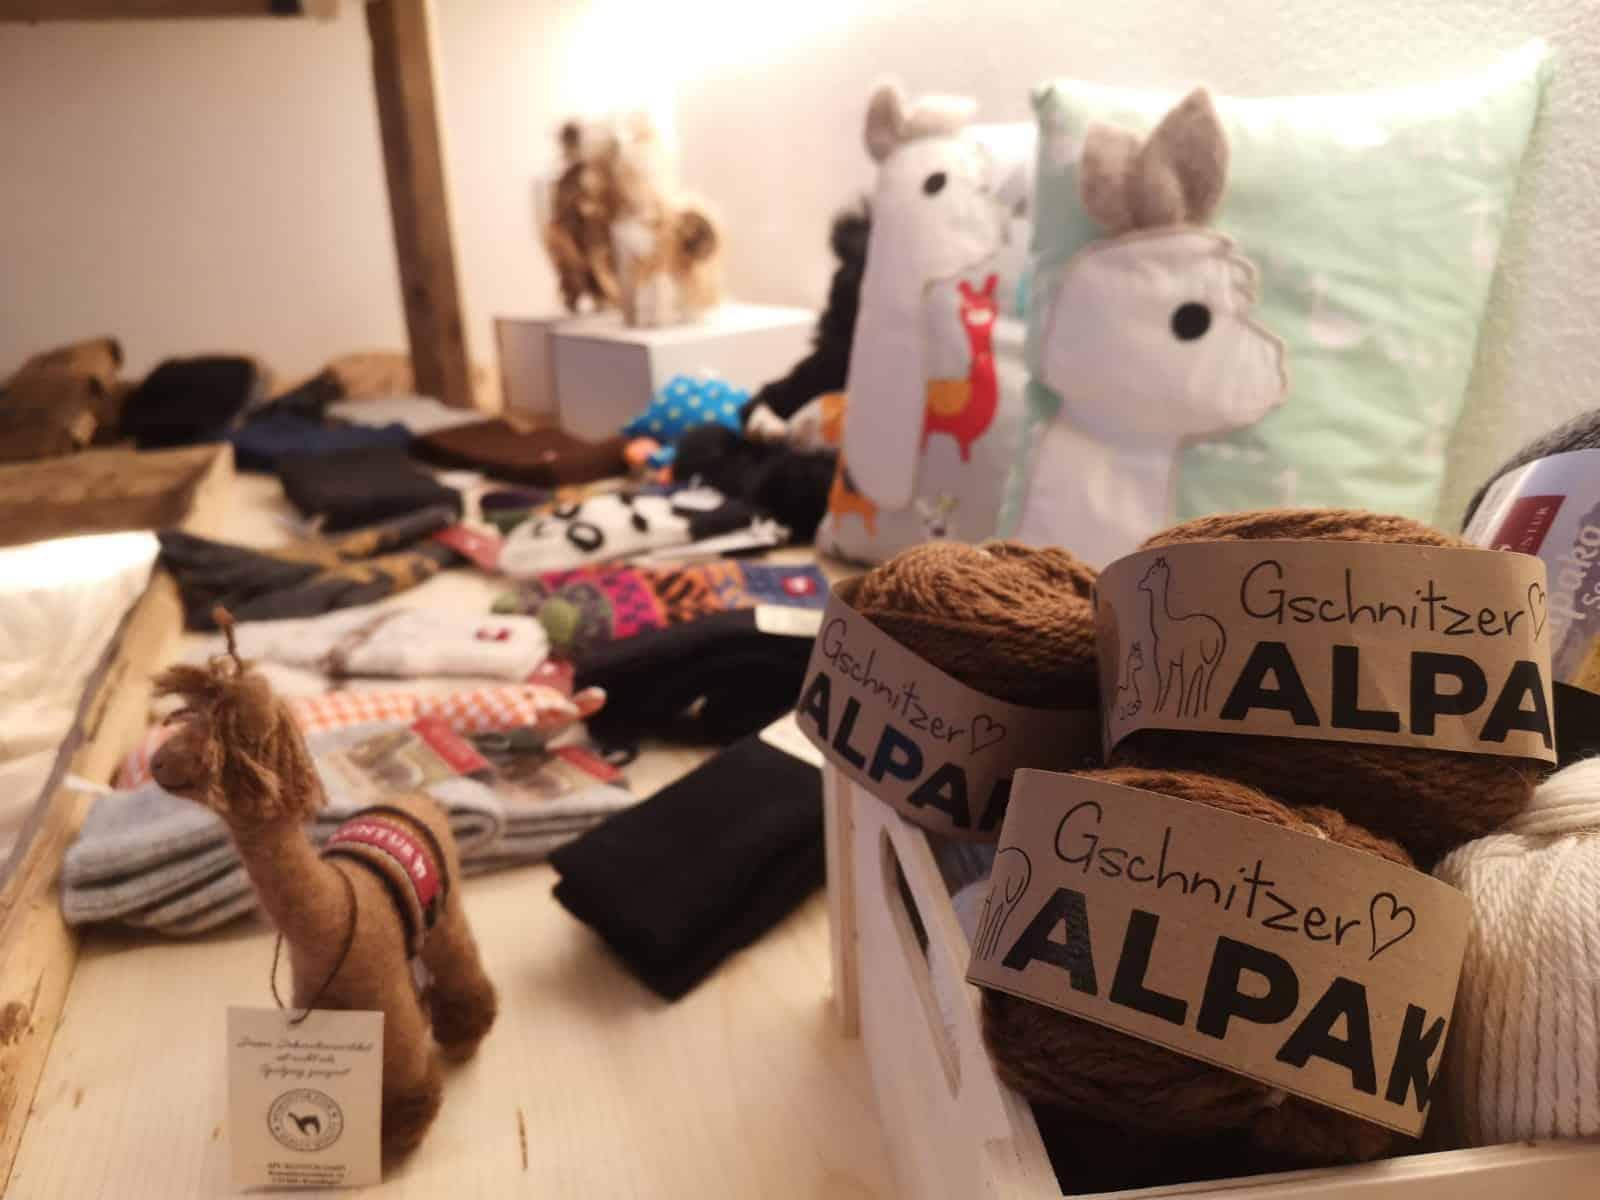 Alpaka-Hofladen-2 Hofladen